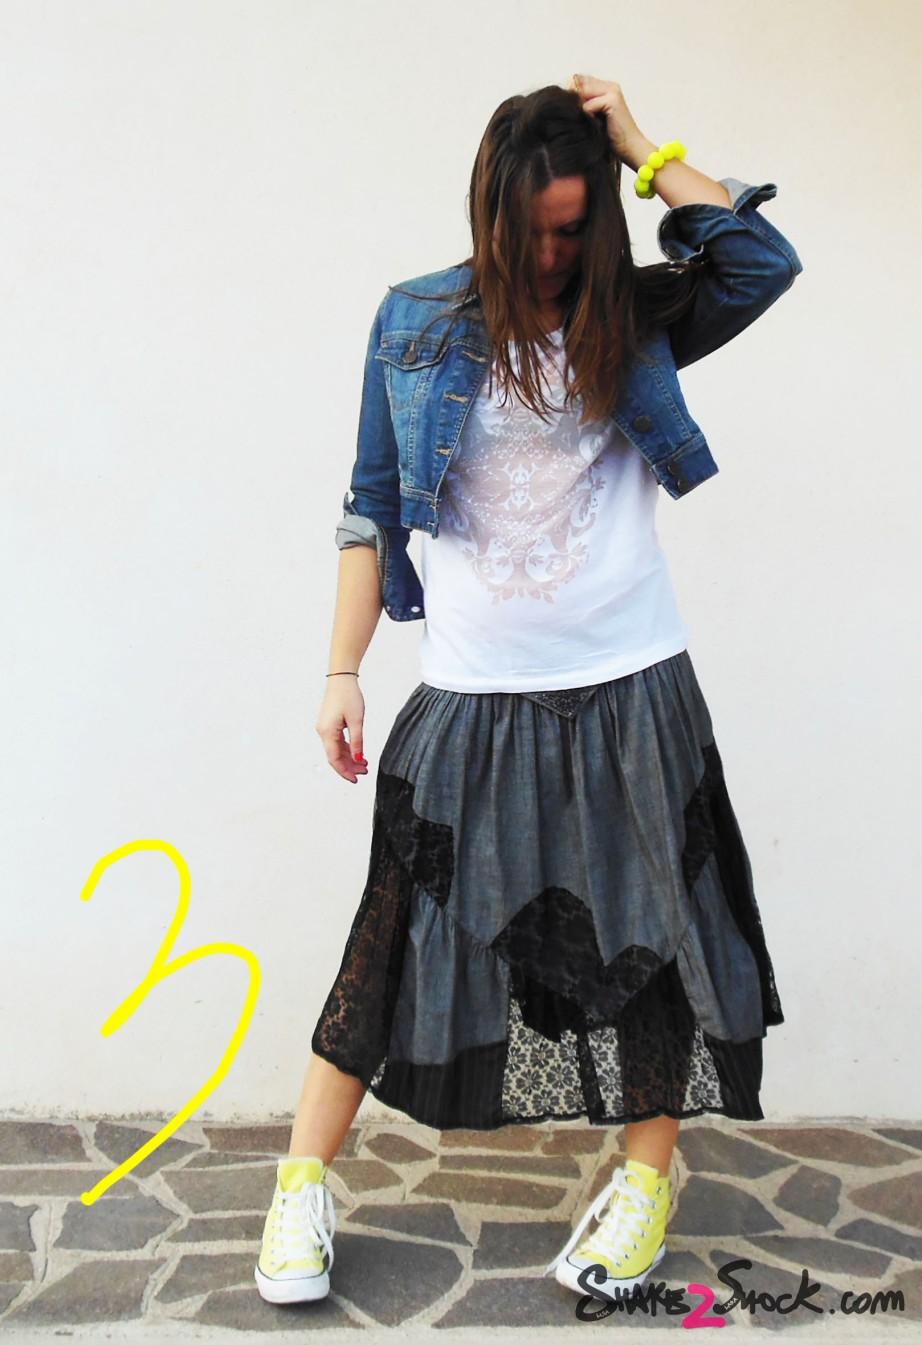 shake2shock_lisalara_24allstar23